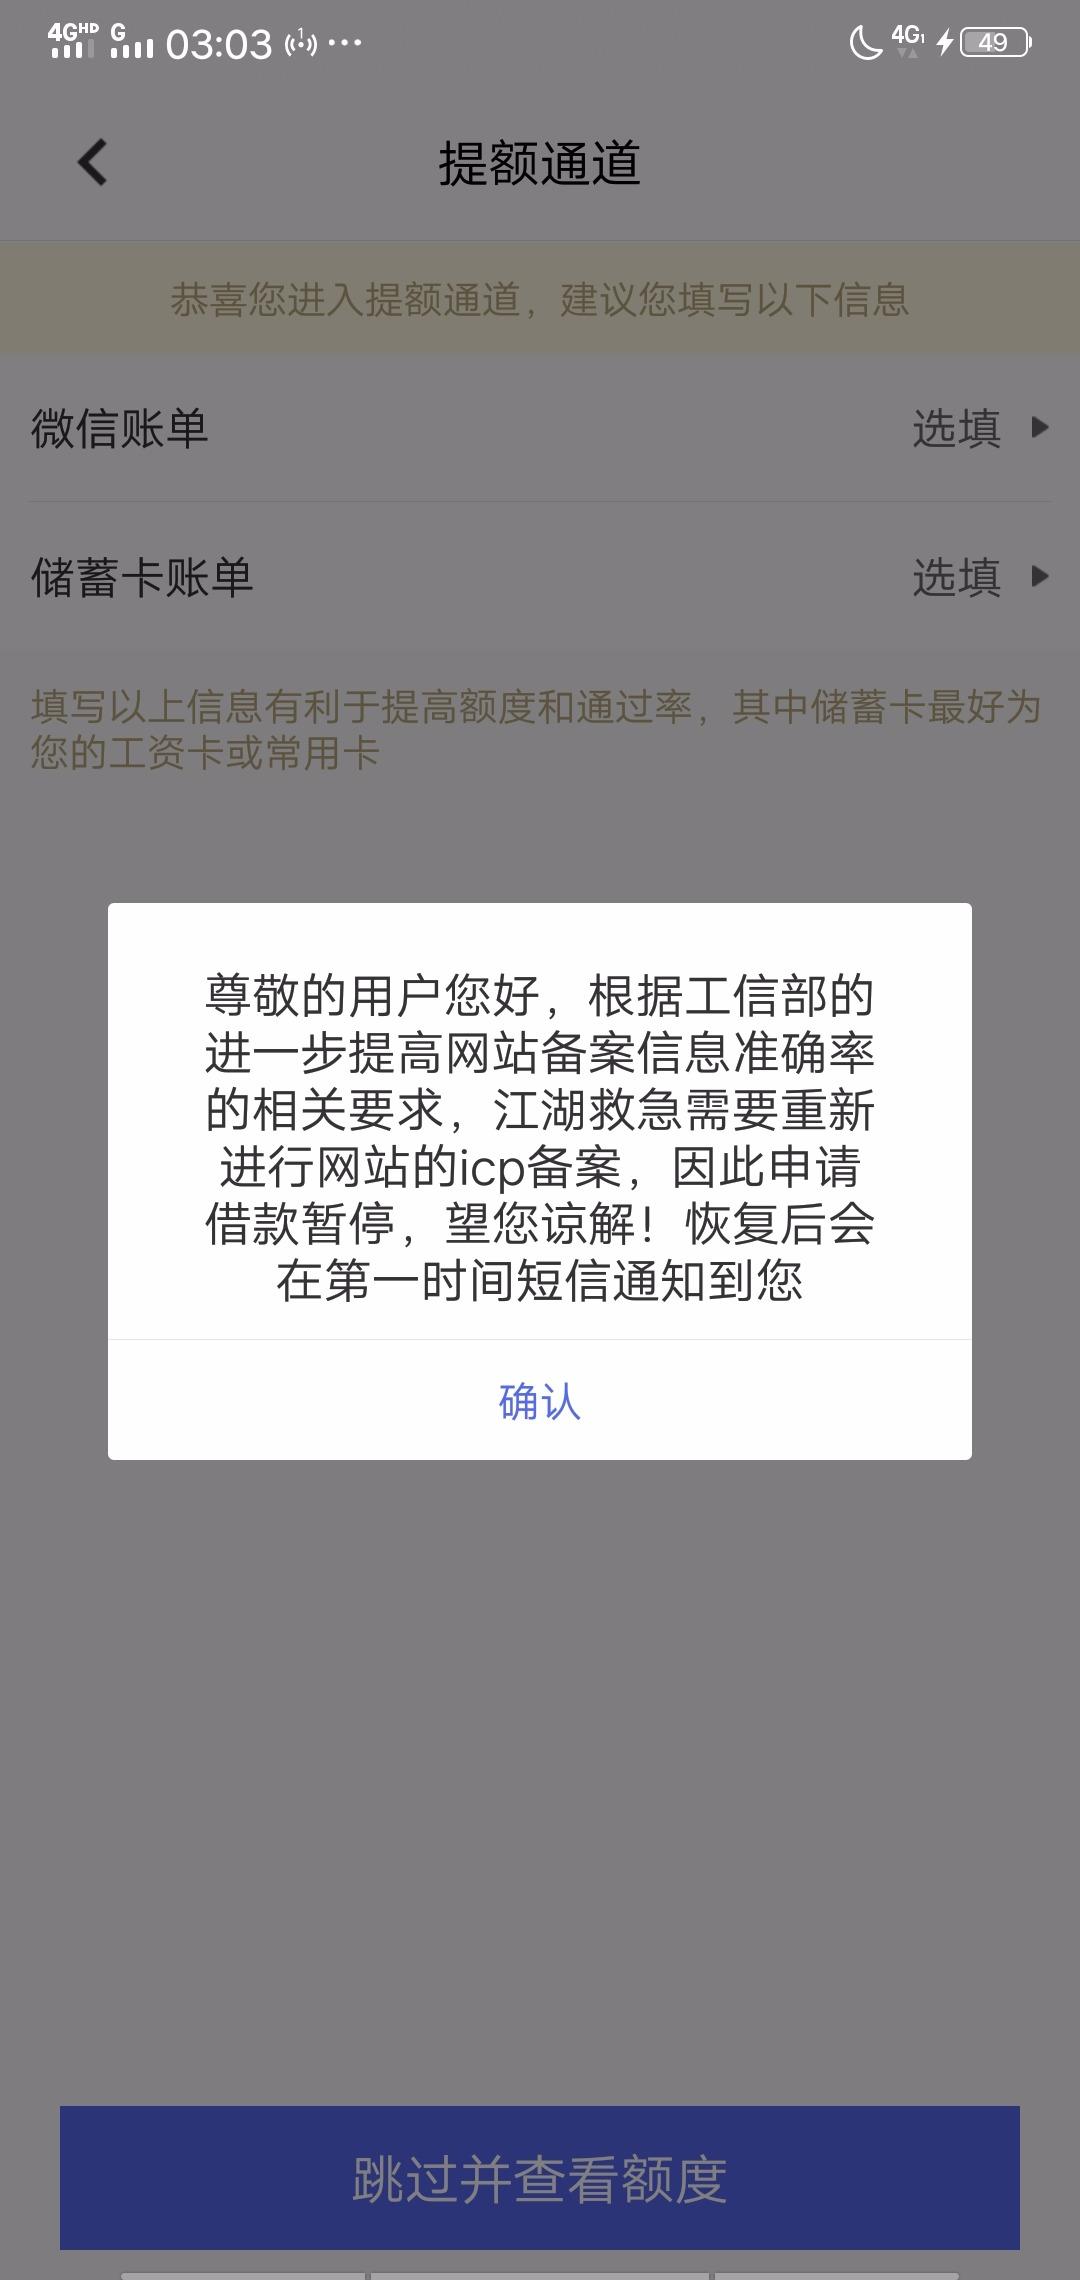 Screenshot_20200206_030345.jpg